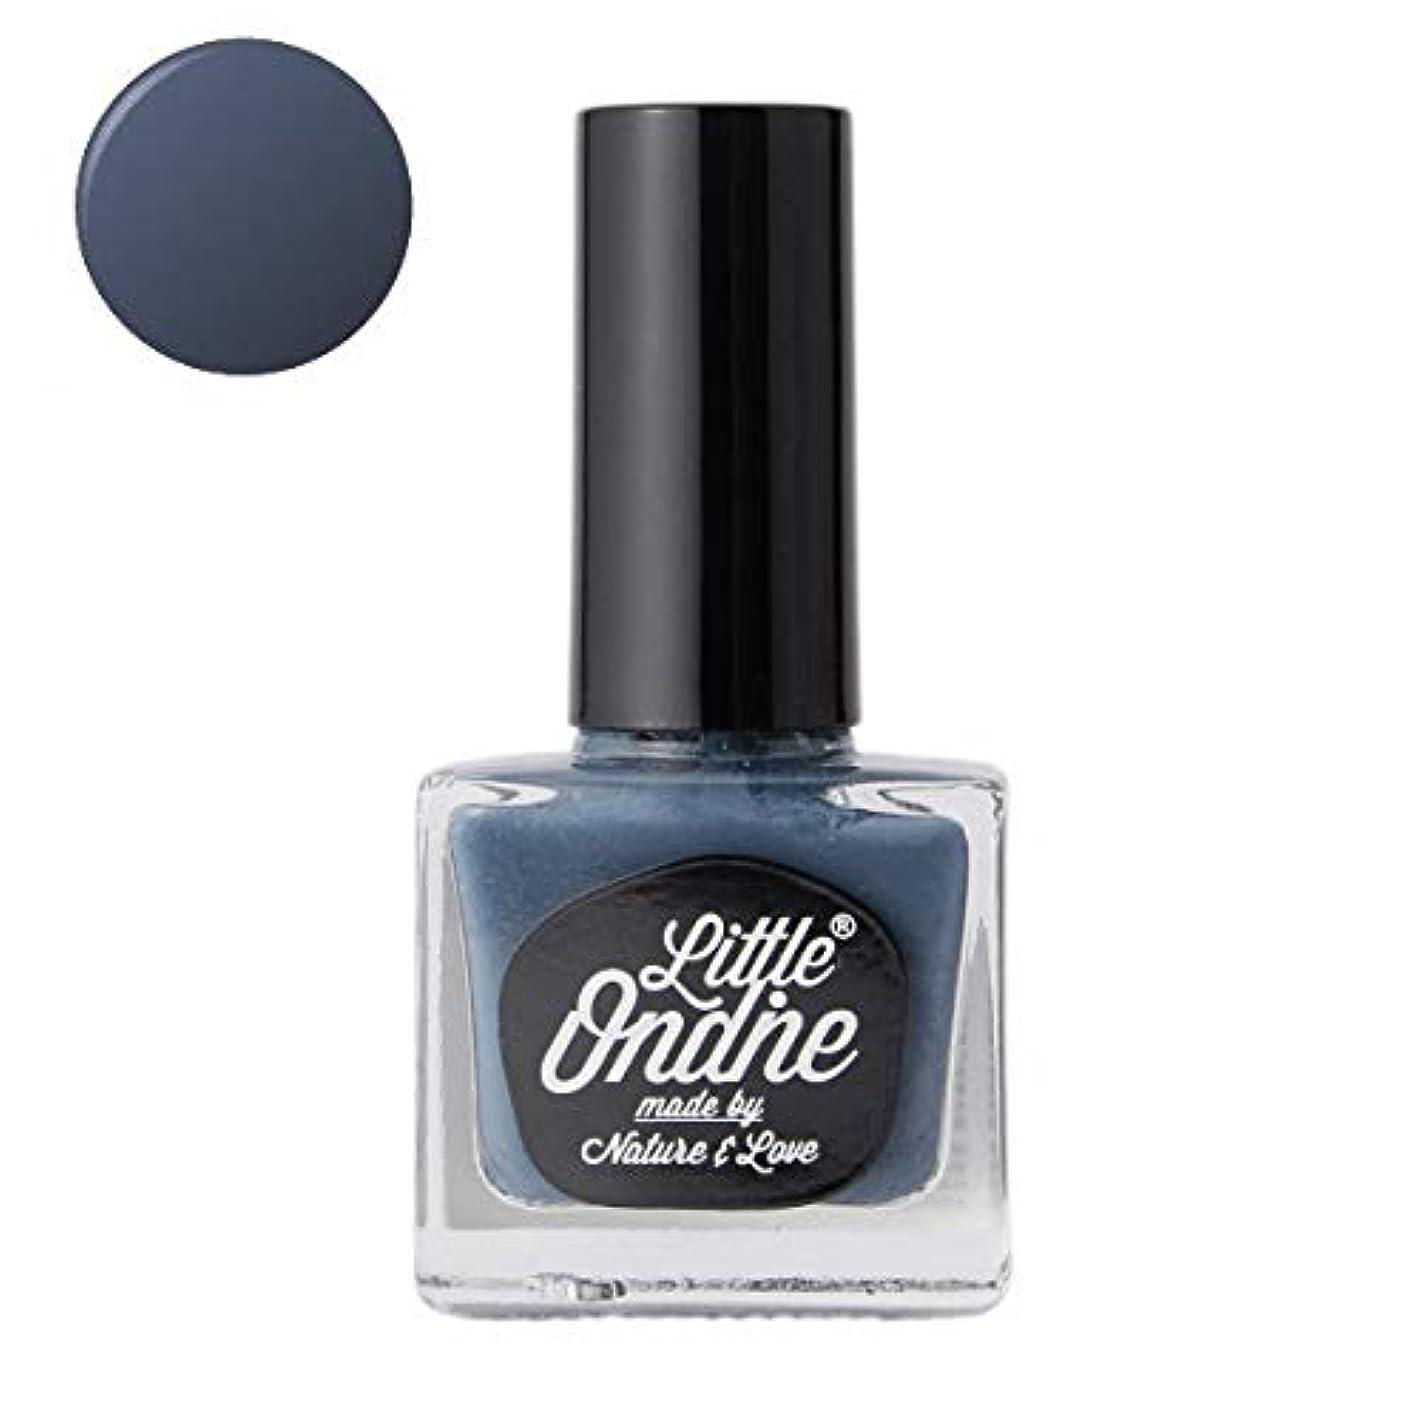 鮮やかなカウンターパート落ち着かないLittle Ondine リトルオンディーヌ ネイルカラー (クラウドブルー)